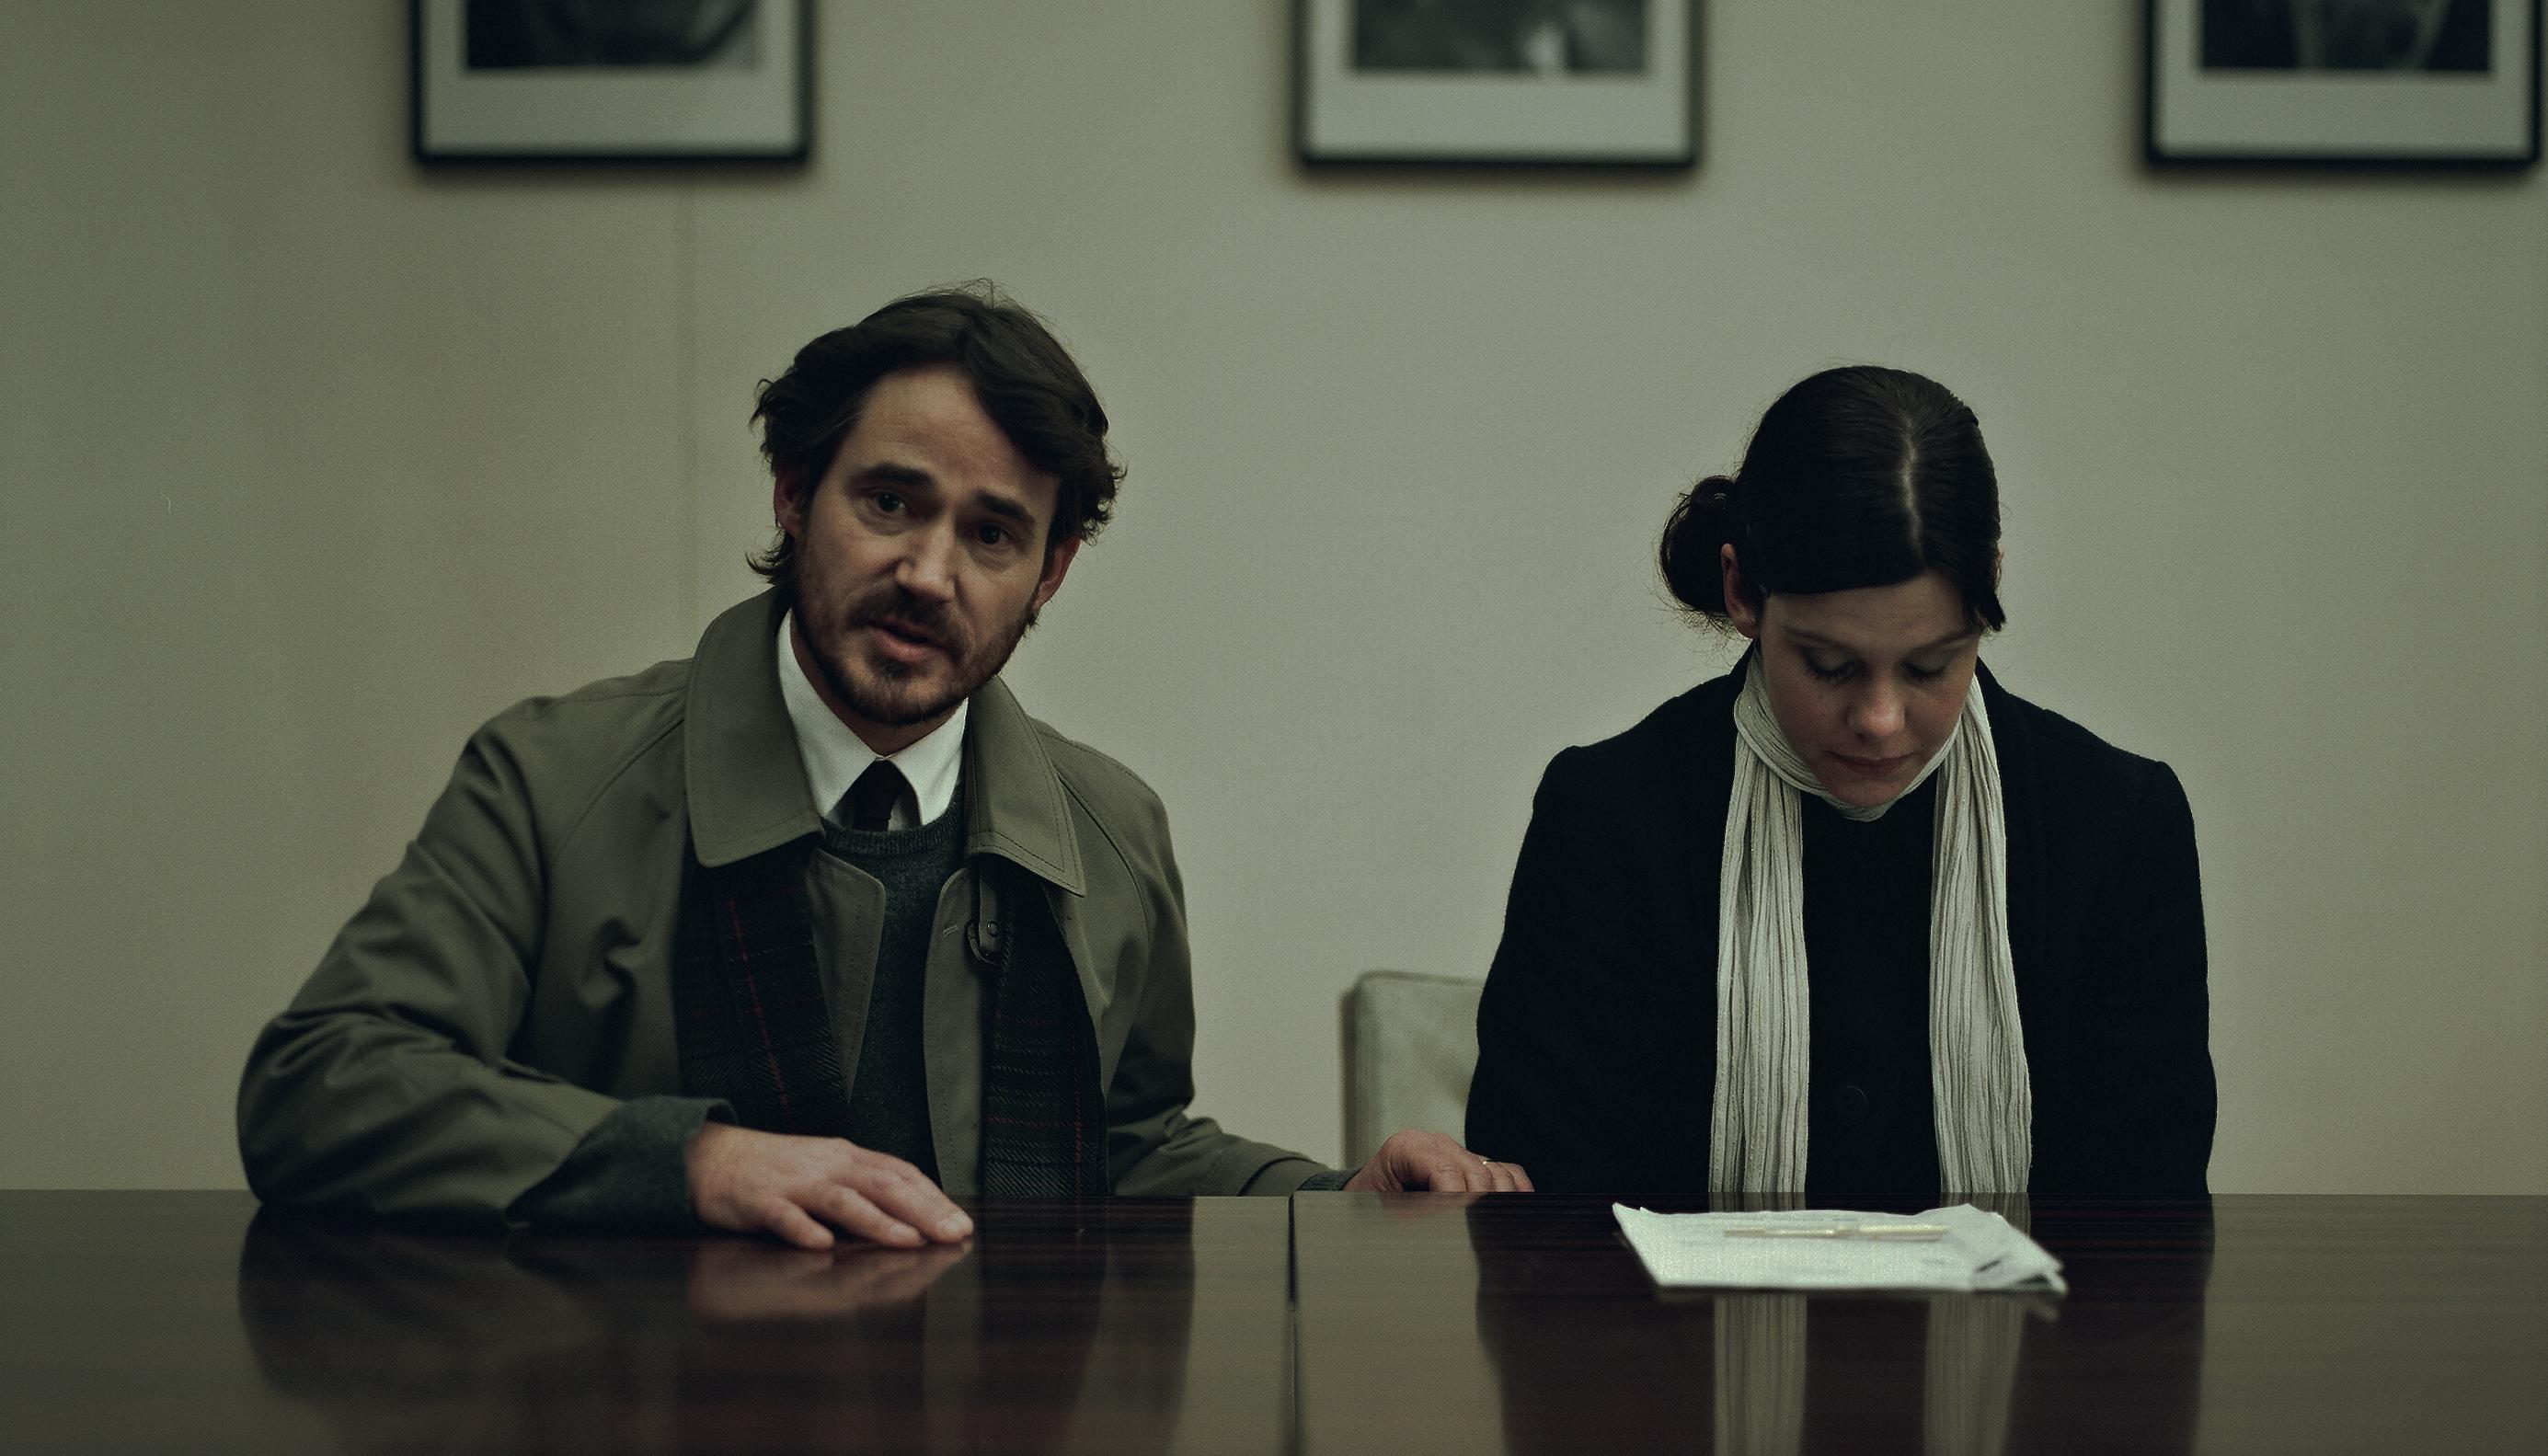 David Bark-Jones and Eliza L. Bennett in A Gentle Creature (2009)